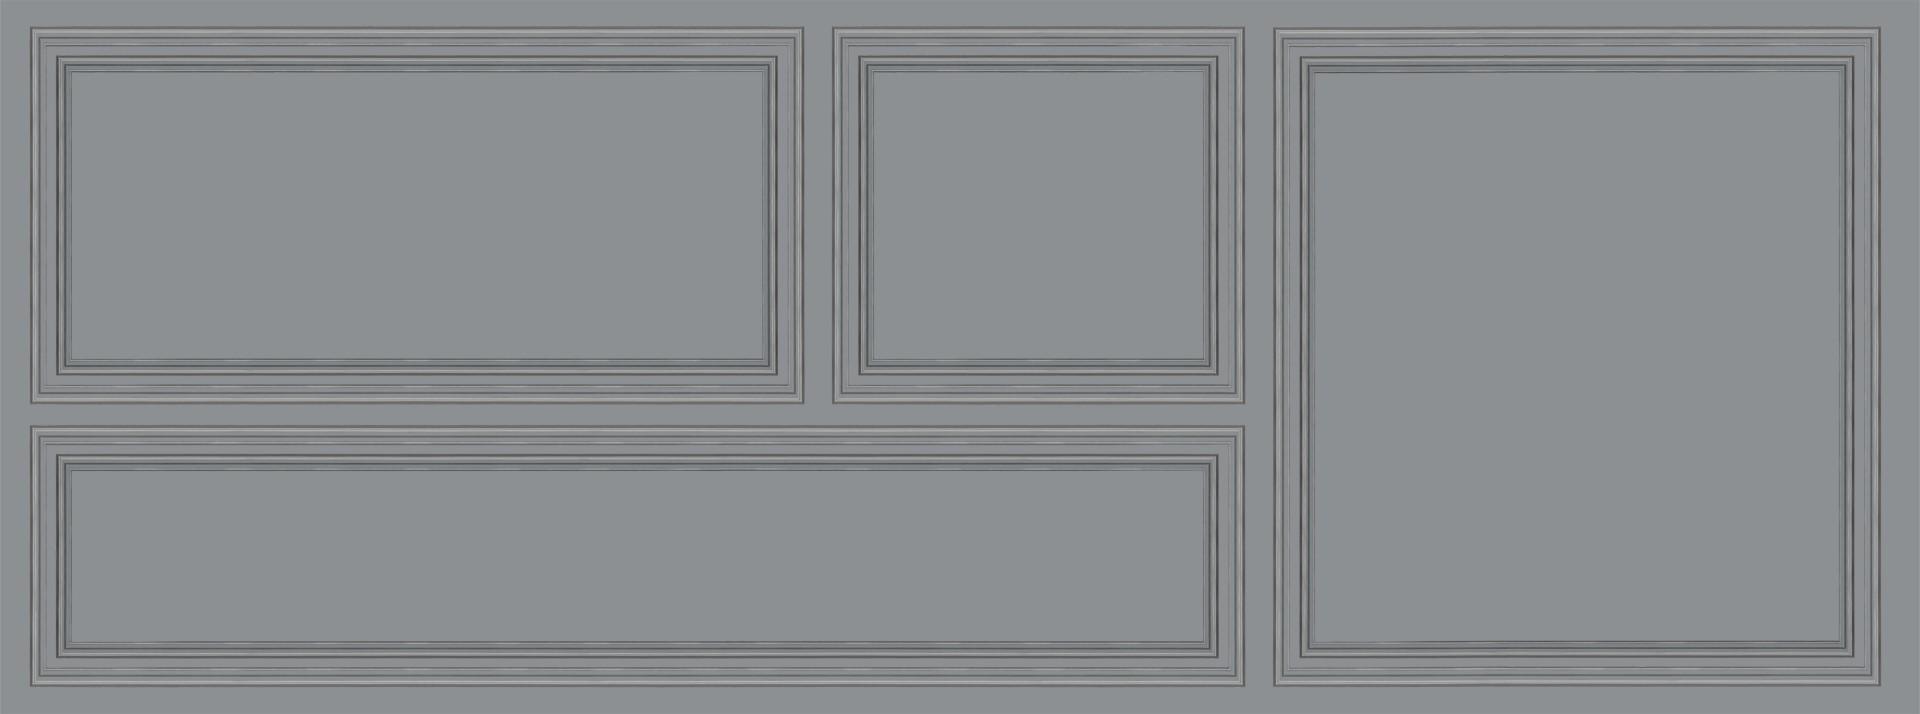 墙画欧式系列风格